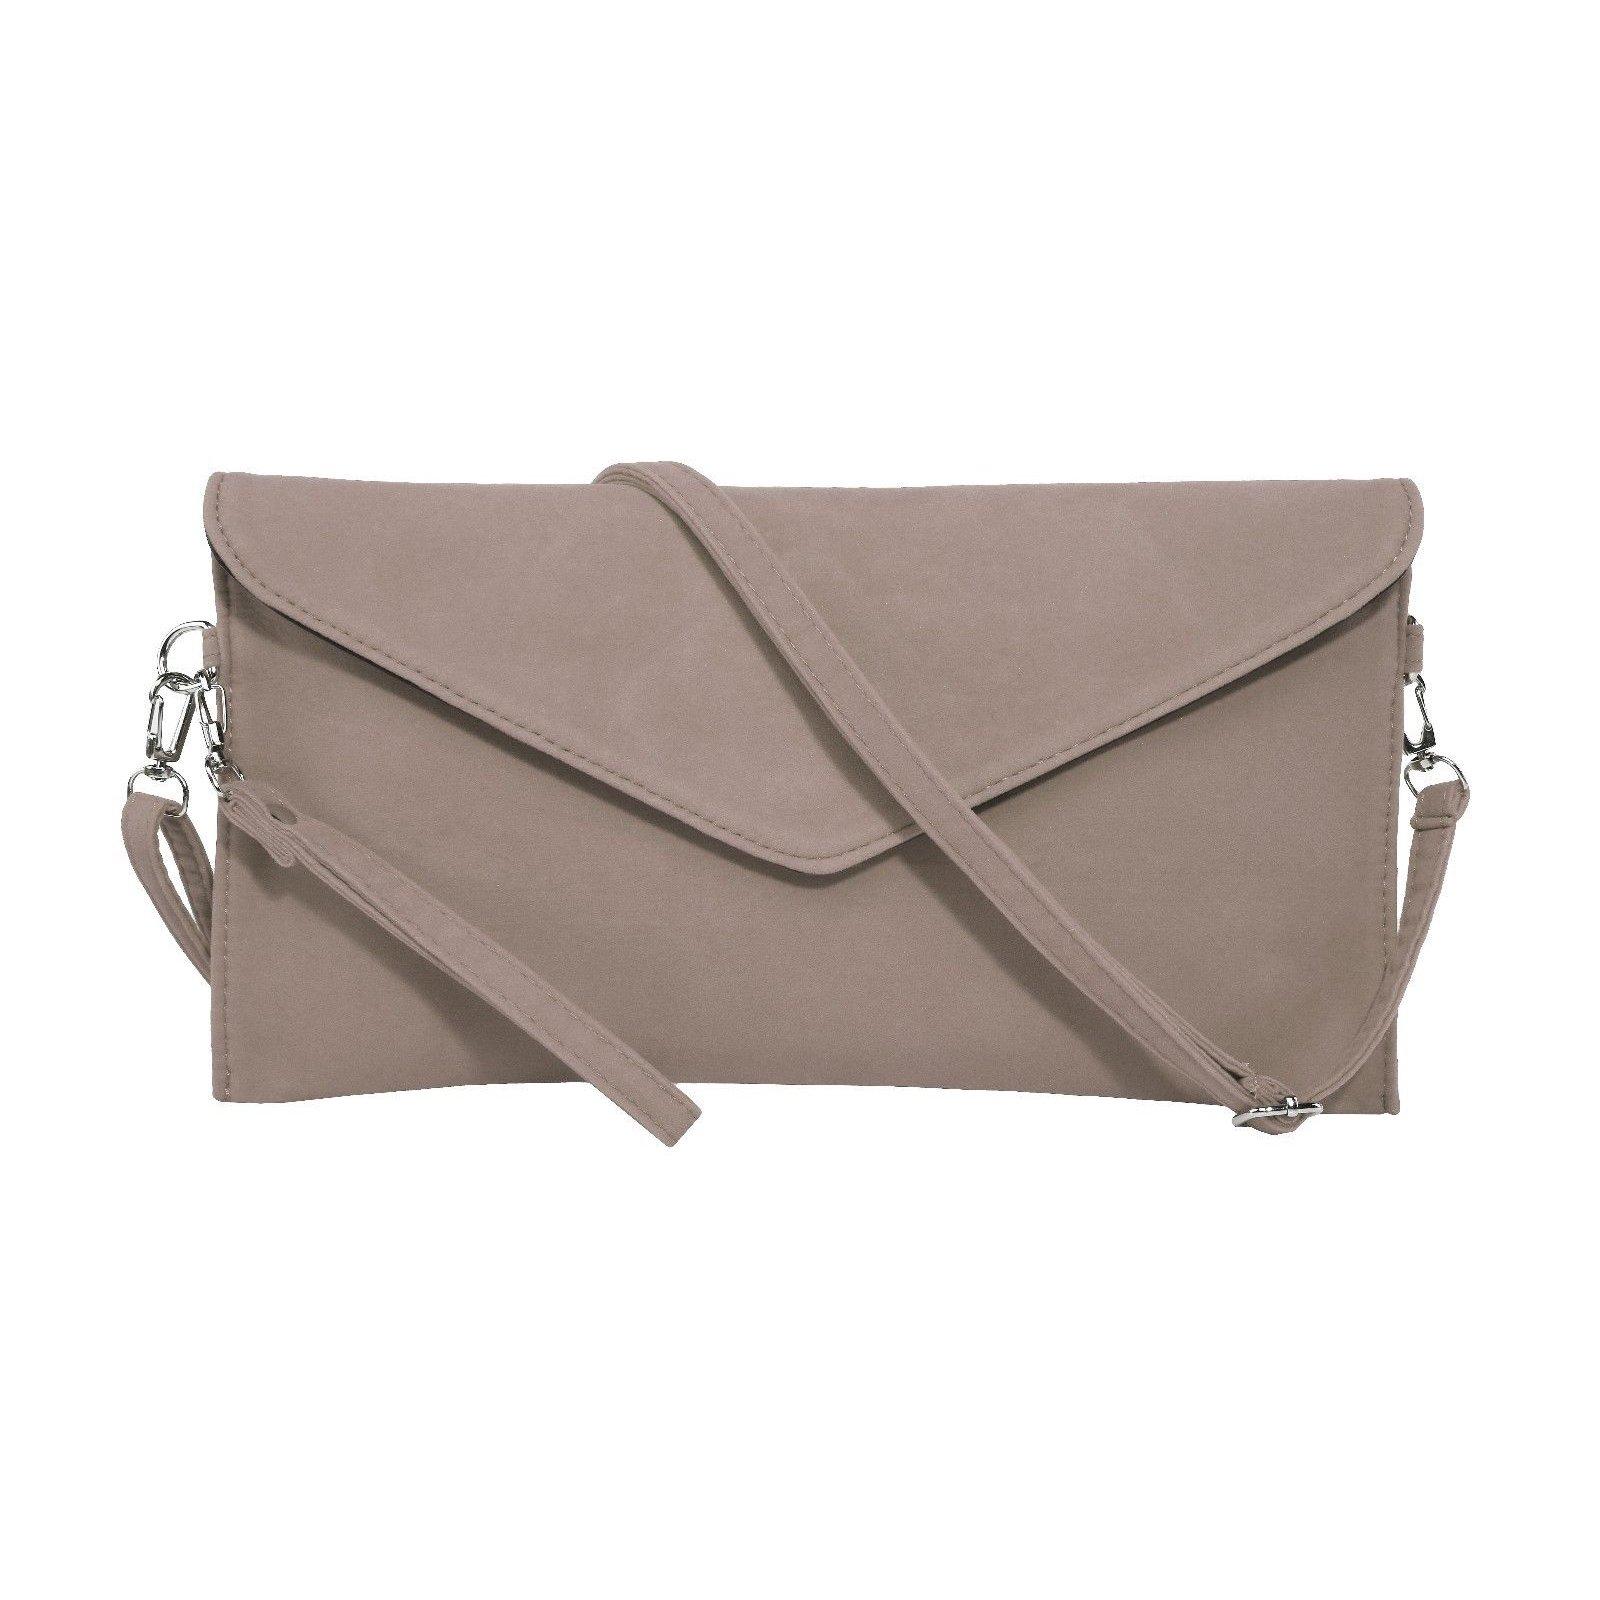 Jieway Women's Faux Suede Evening Clutch Bag Crossbody Bag Shoulder Handbags (Khaki)